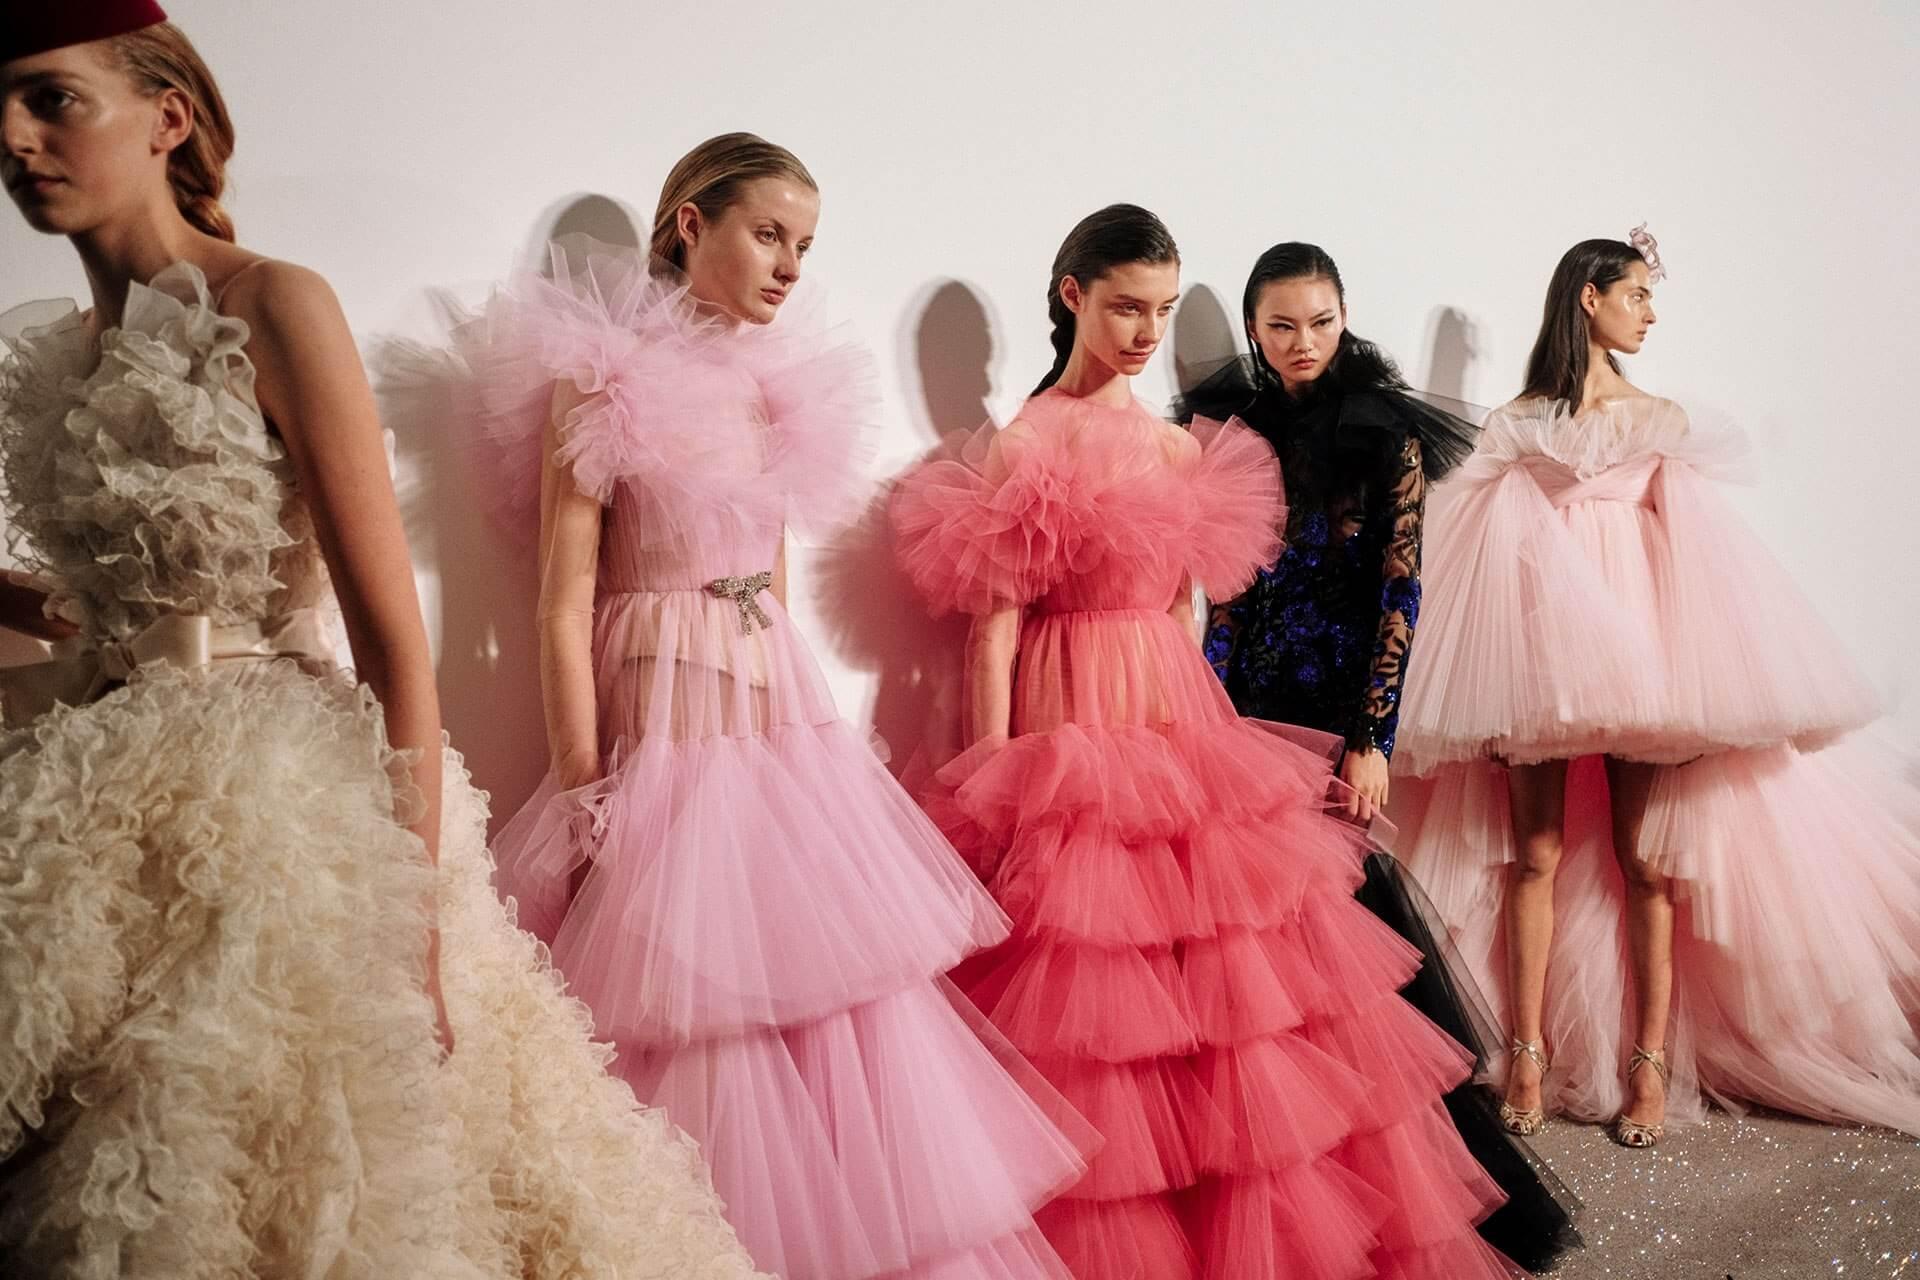 方太初將傳統民族服飾與Haute Couture相提並論,為讀者提出新的觀看角度。